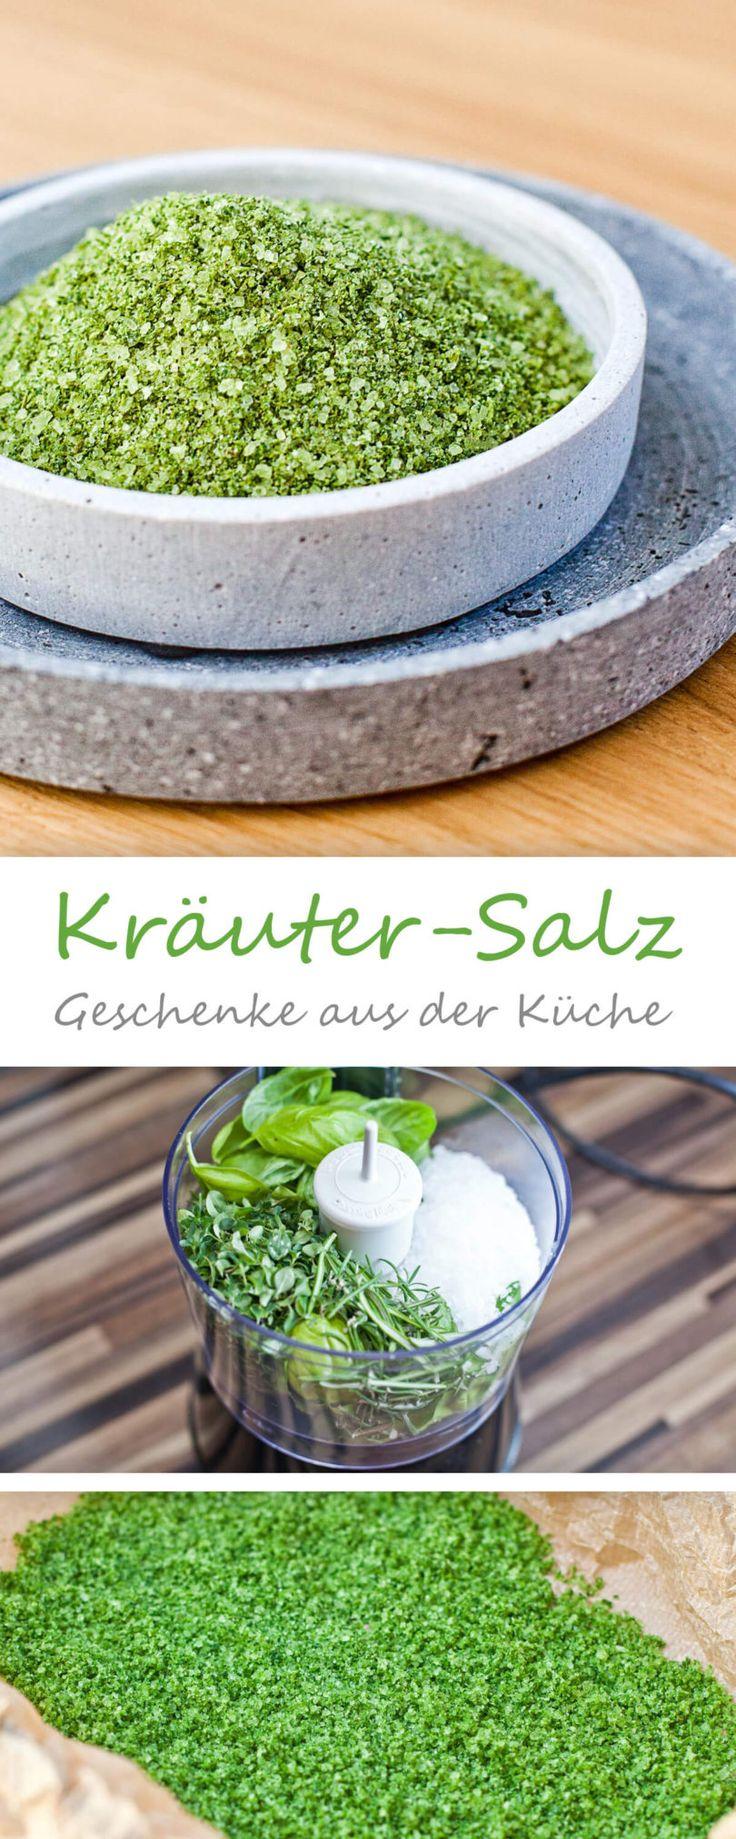 Kräutersalz – Basilikum, Oregano, Rosmarin {grundrezept}